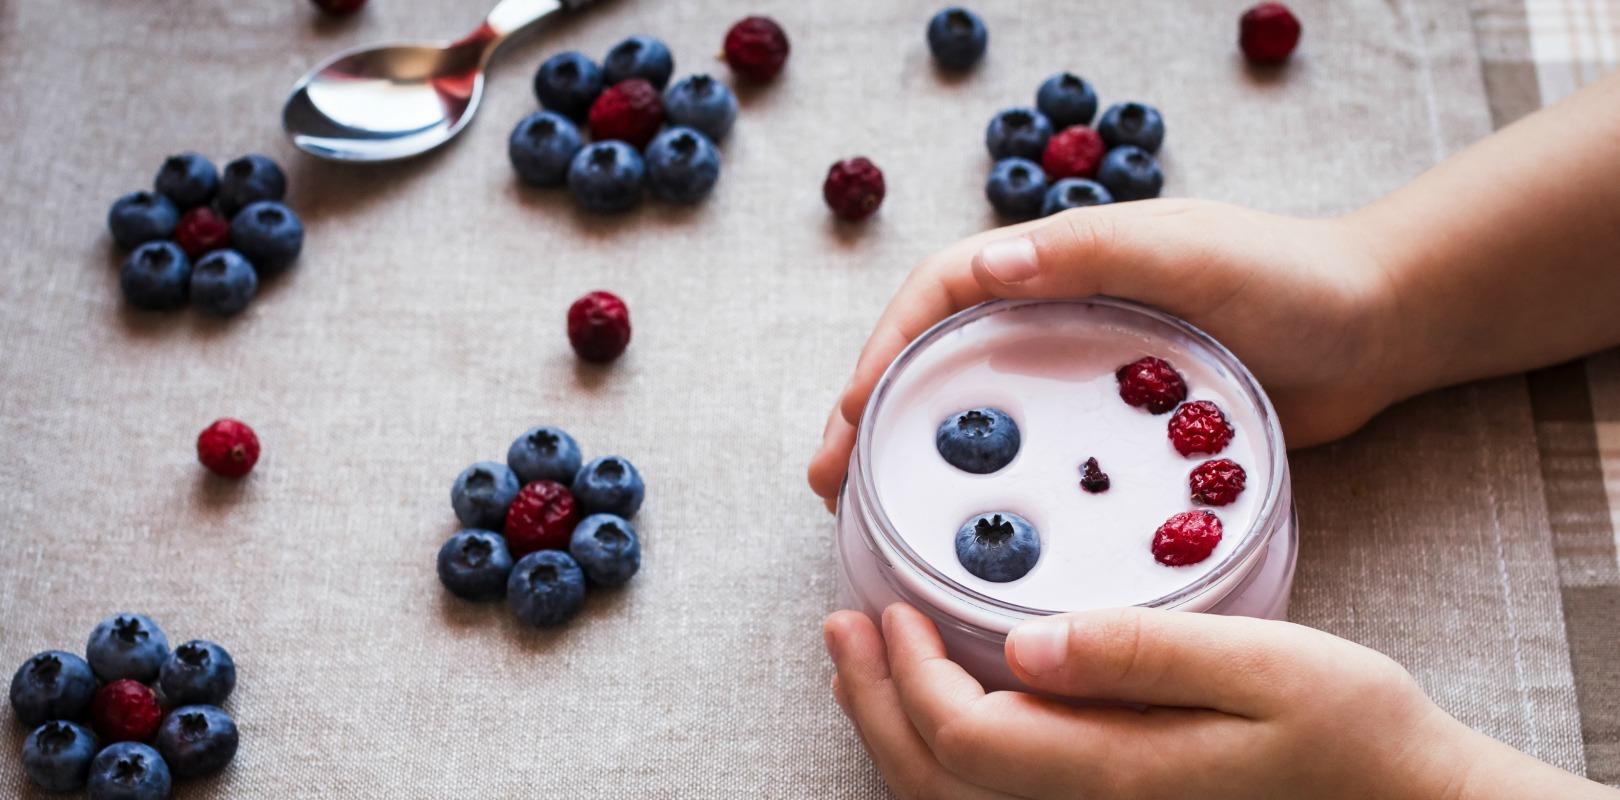 Інтернаціональний продукт: особливості йогуртів різних країн світу